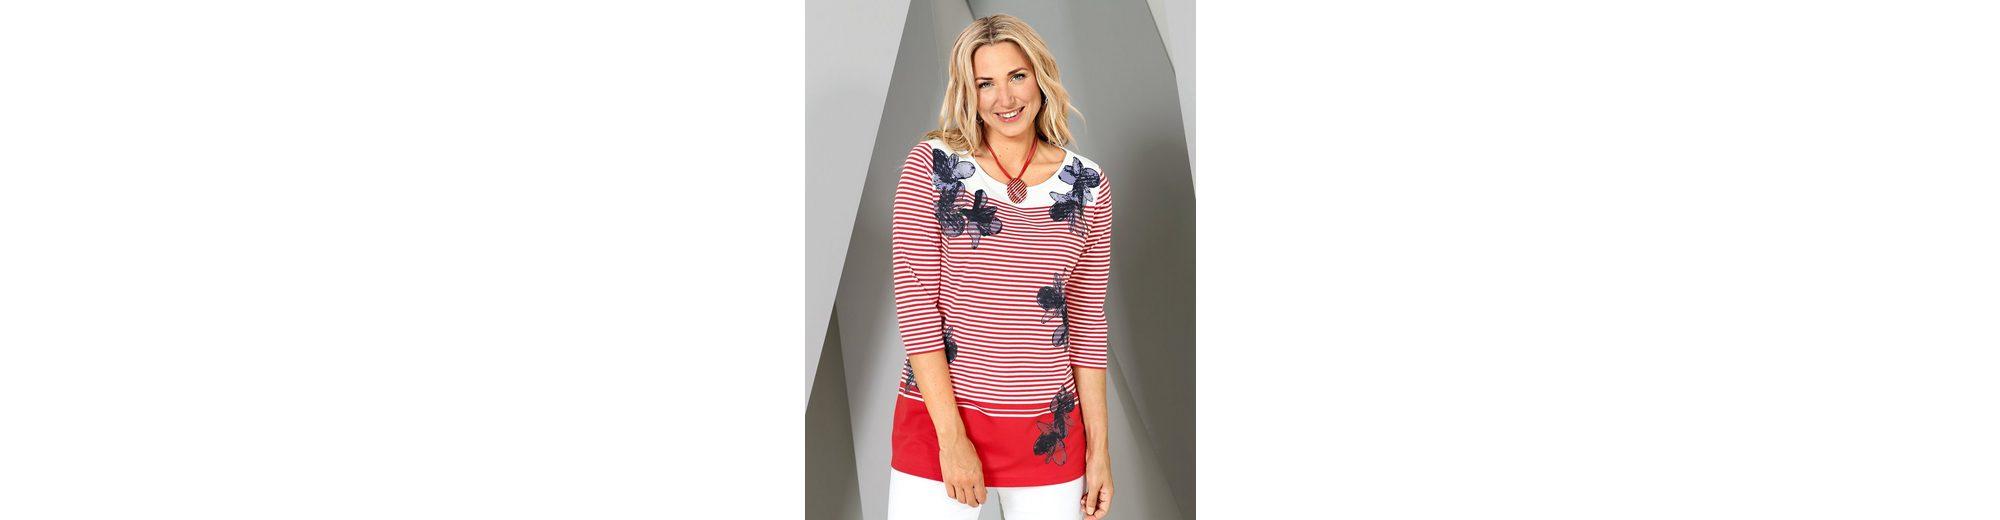 MIAMODA Shirt mit Streifen- und Blumenmuster  Beschränkte Auflage Limitierte Auflage Kosten Für Verkauf Modestil Freiraum Für Verkauf LjOhSjuS5N